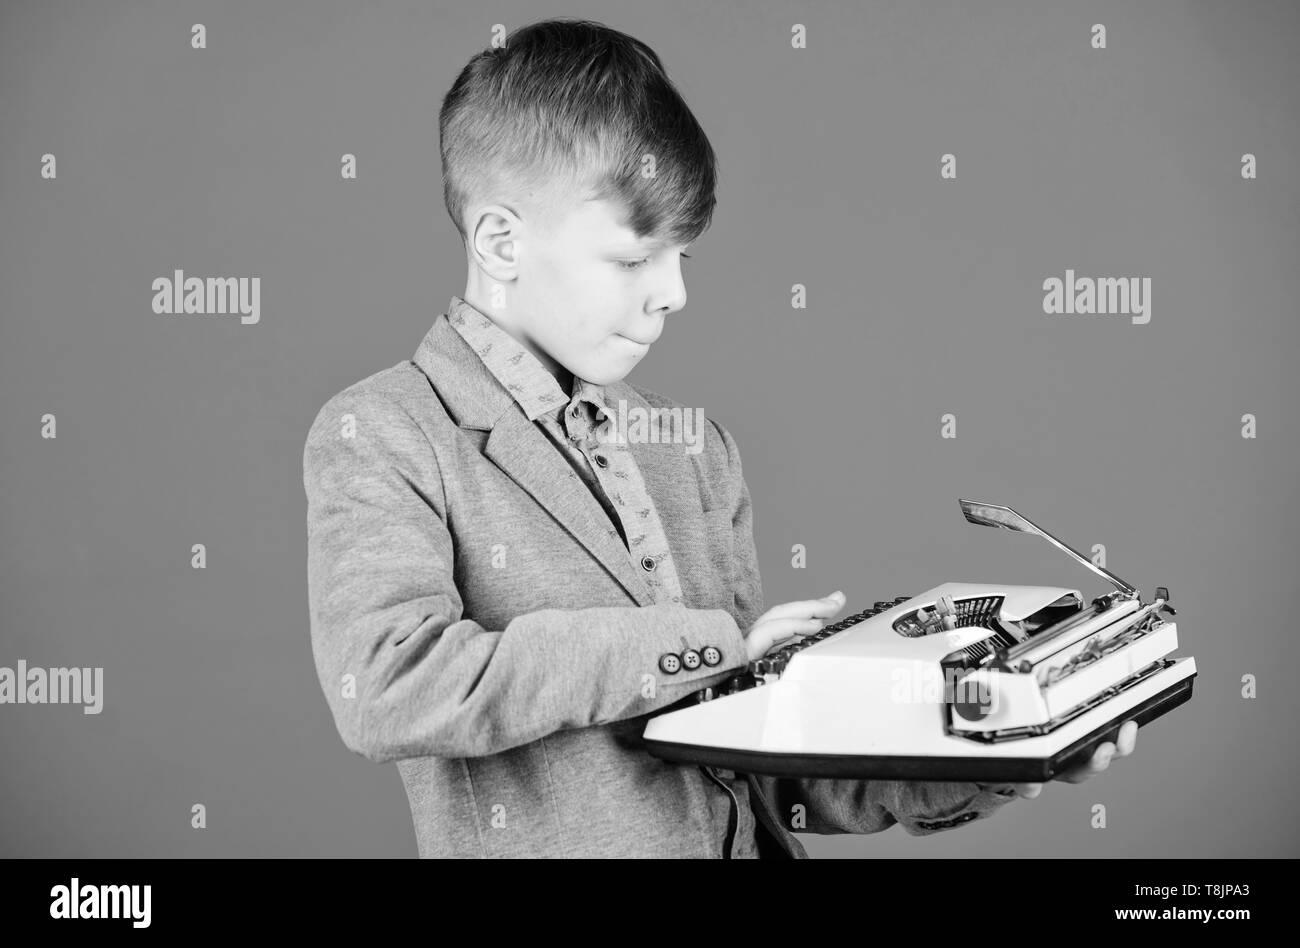 Plus d'actualité. J'ai besoin de gadgets modernes au lieu cette rétro. Gadget désuet. Retro et vintage. Vente-débarras. Étude rétrospective. Garçon tenir la machine à écrire rétro sur fond bleu. Que faire avec cette chose. Photo Stock